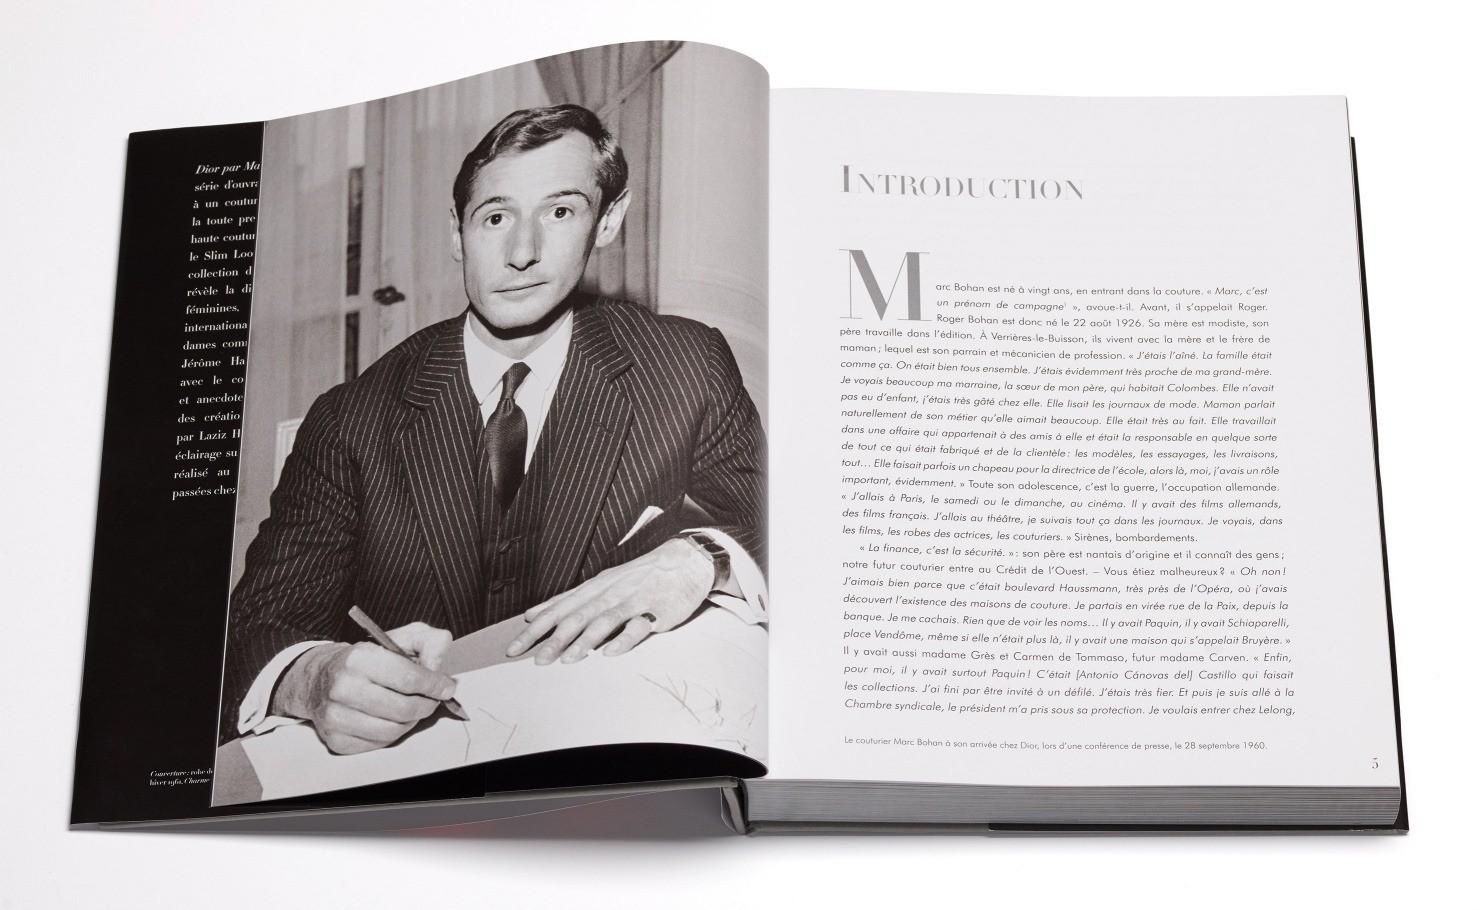 Марк Боан почти 30 лет сторожил традиции Кристиана Диора в крое и дизайне и вернул в полном объеме после экспериментов Сен-Лорана элегантность, чувственность и женственность в коллекции.